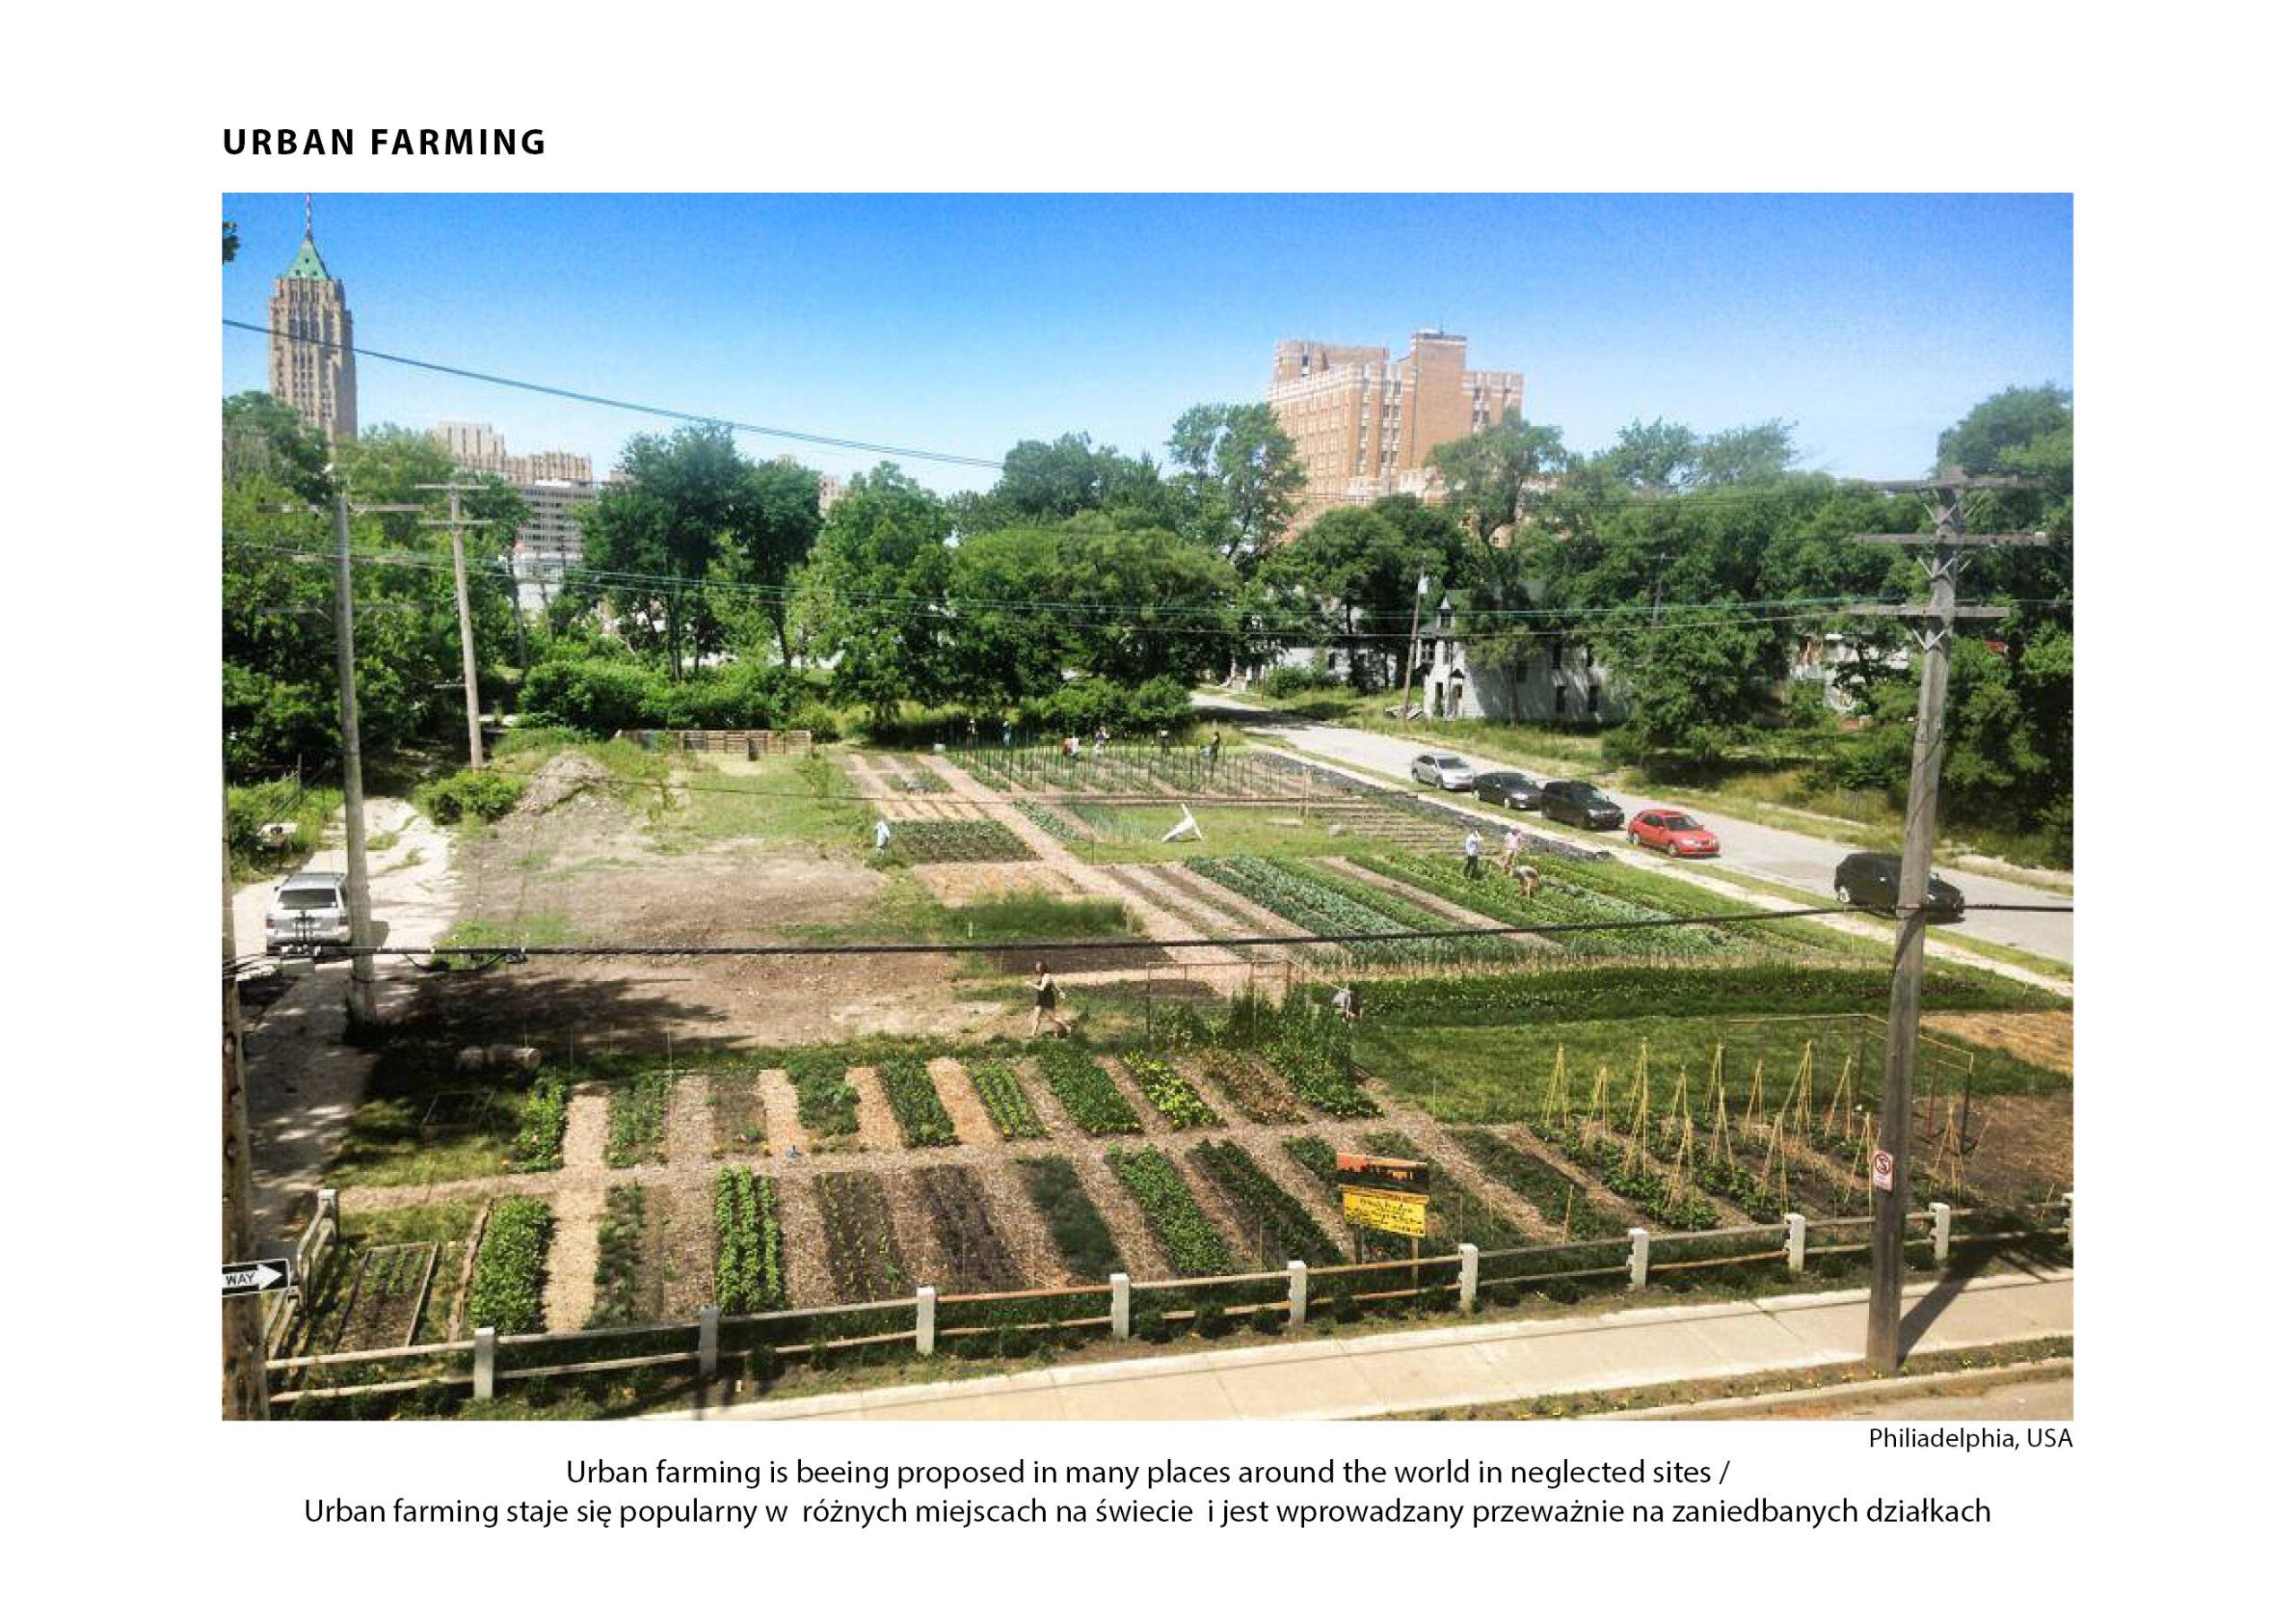 MJZ-Urban-Farming-XXI-Ogrody-Dzialkowe-Przyszlosci-1